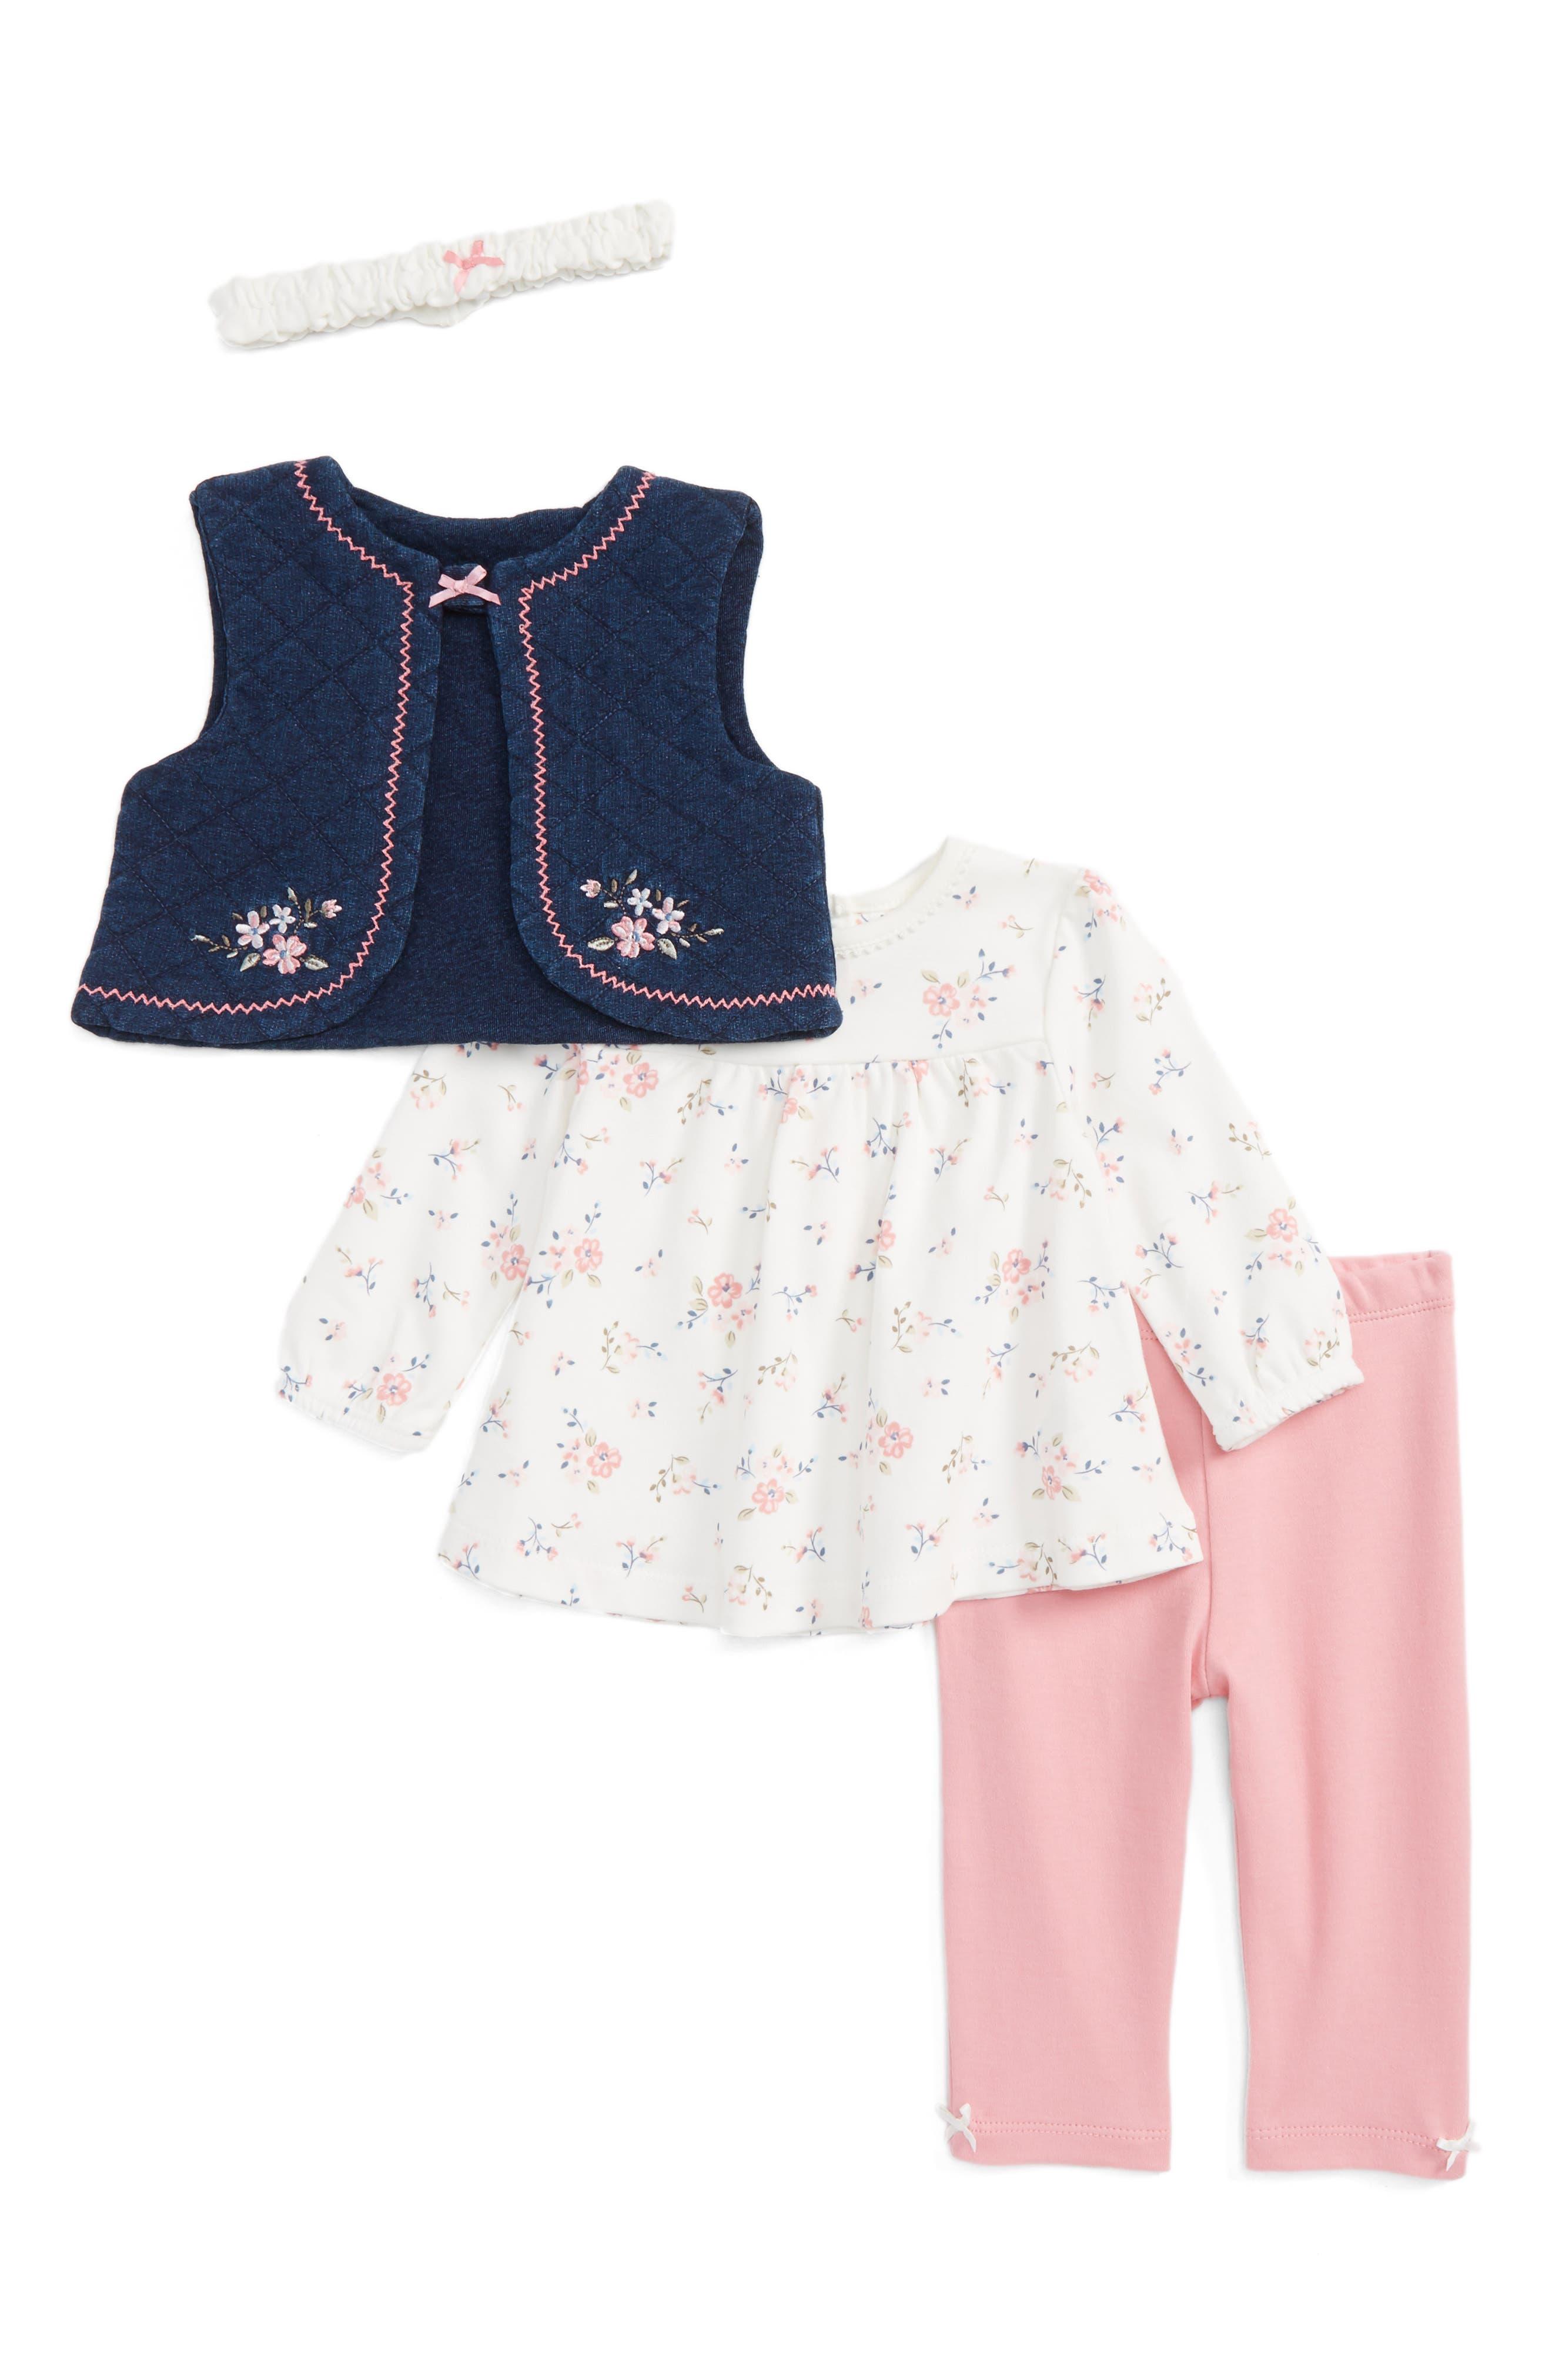 Main Image - Little Me Vest, Tee, Leggings & Headband Set (Baby Girls)